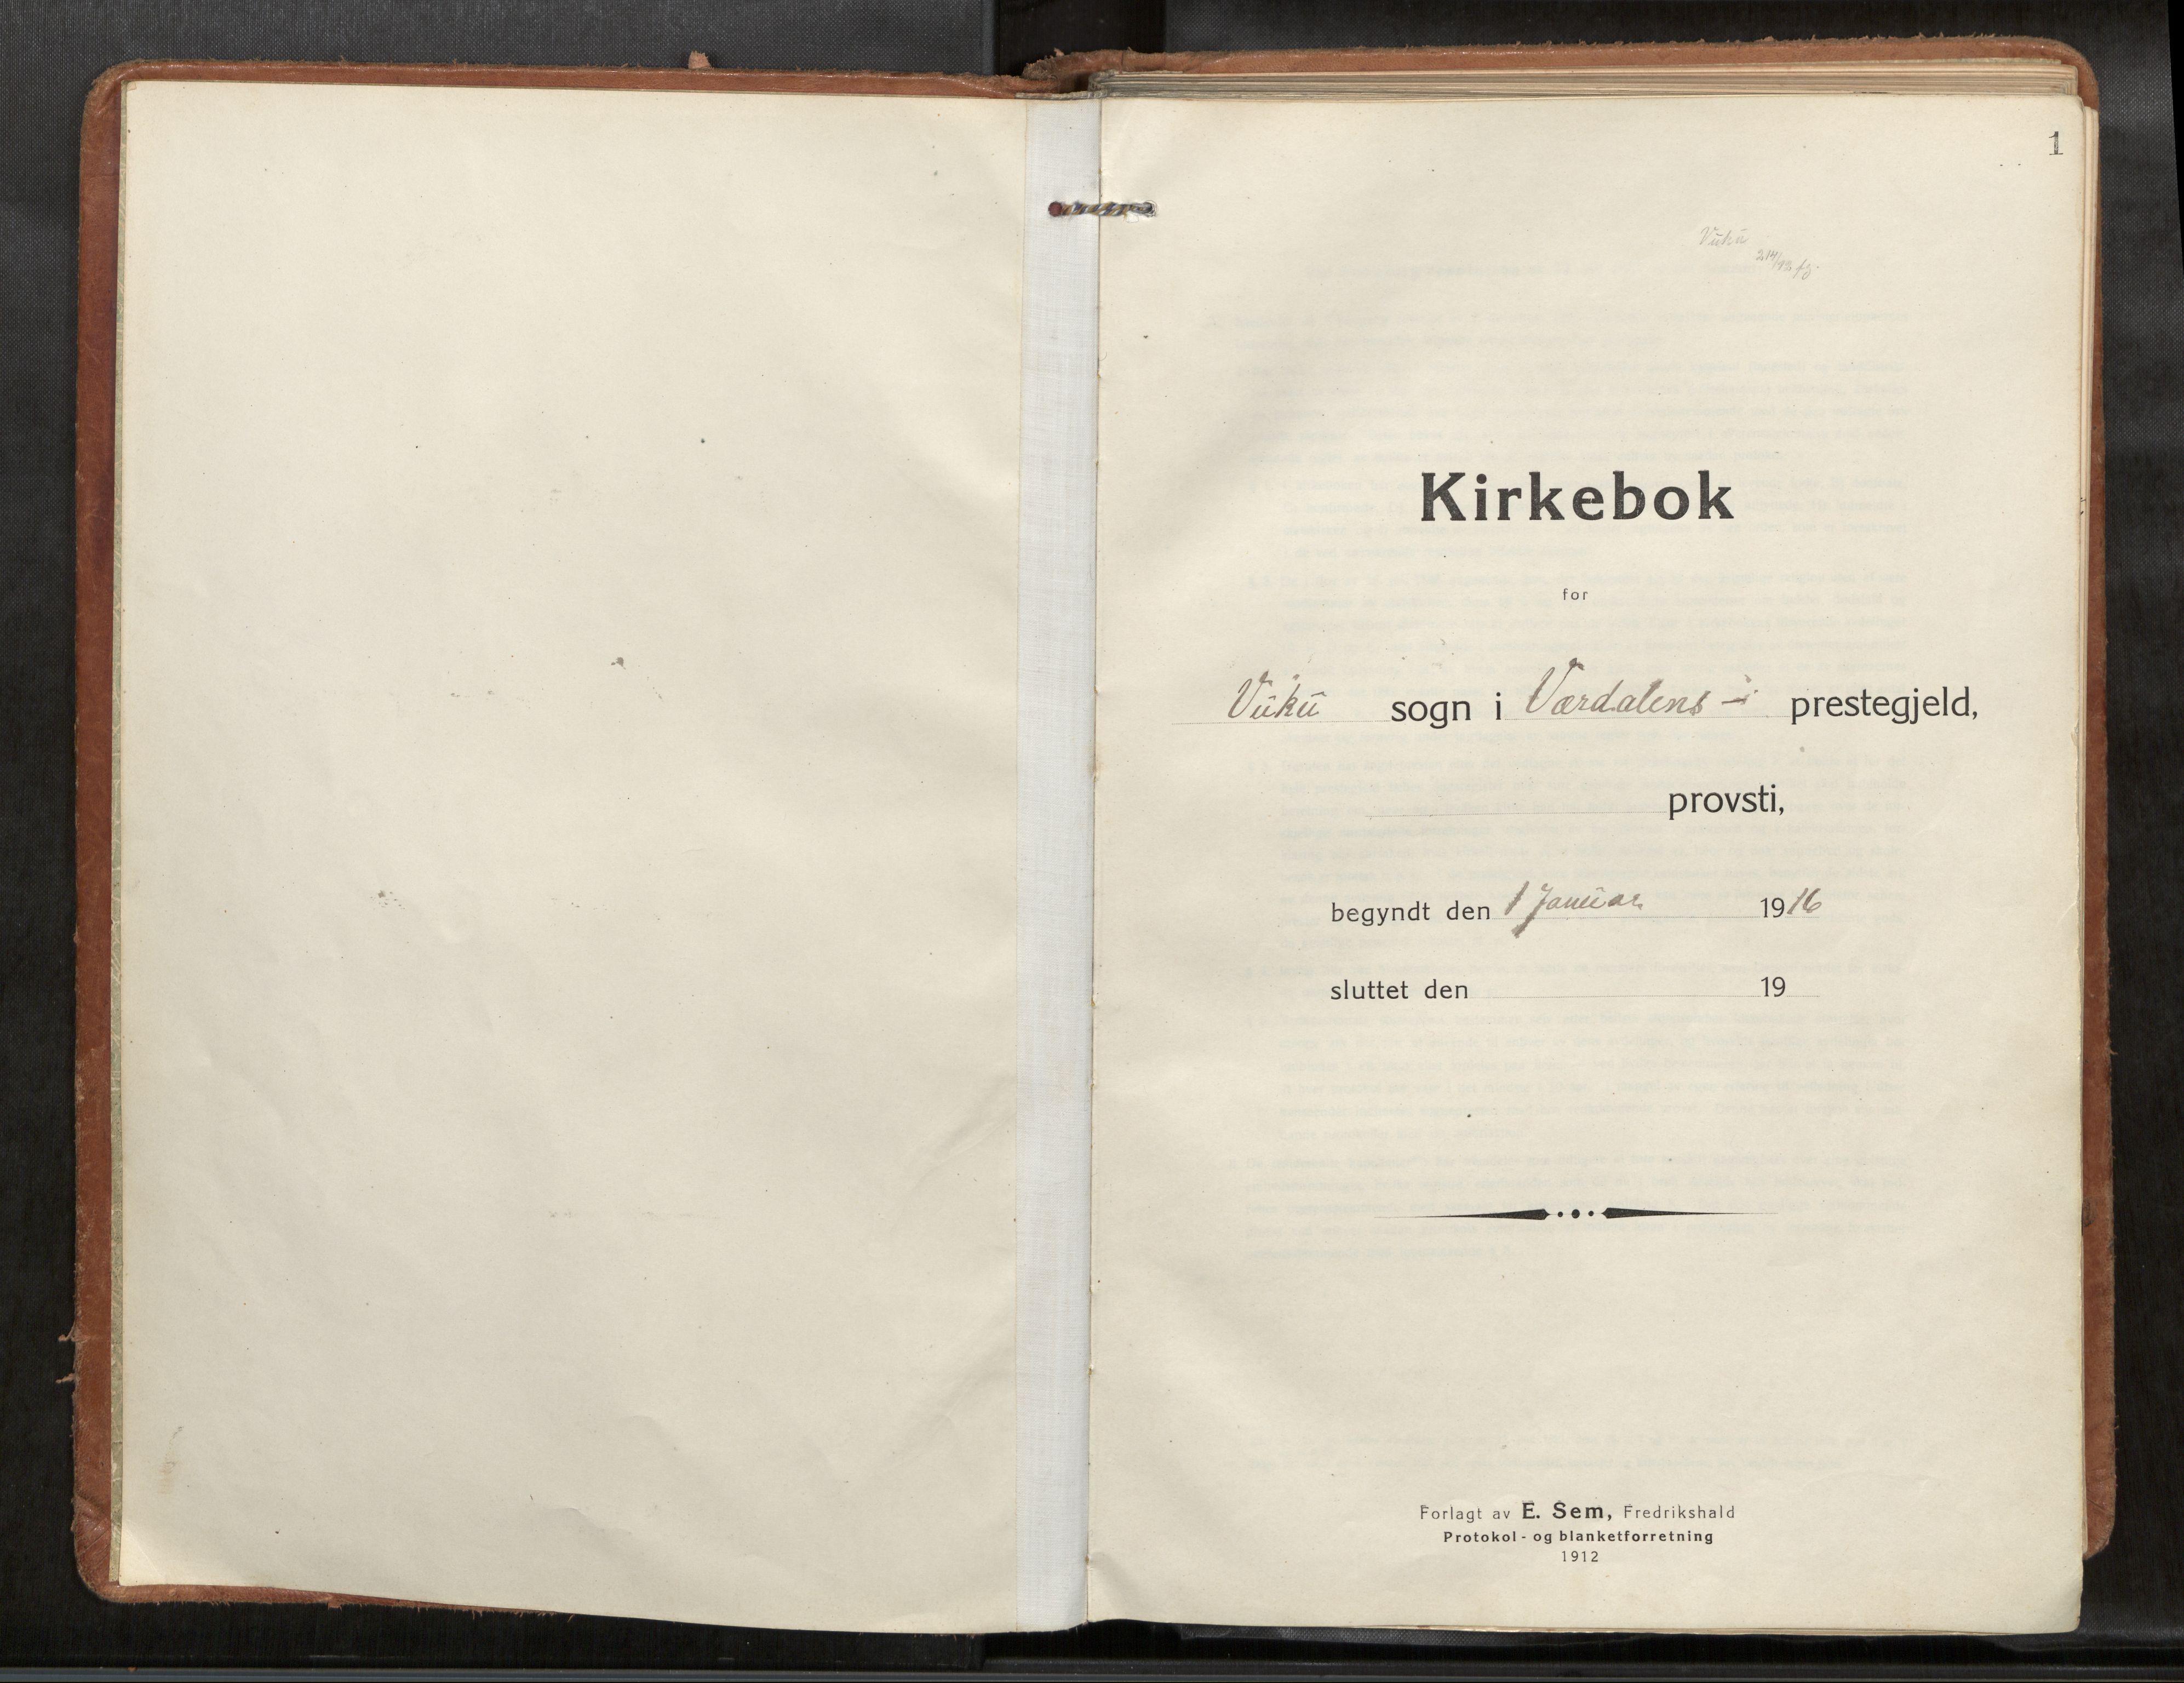 SAT, Verdal sokneprestkontor*, Parish register (official) no. 1, 1916-1928, p. 1